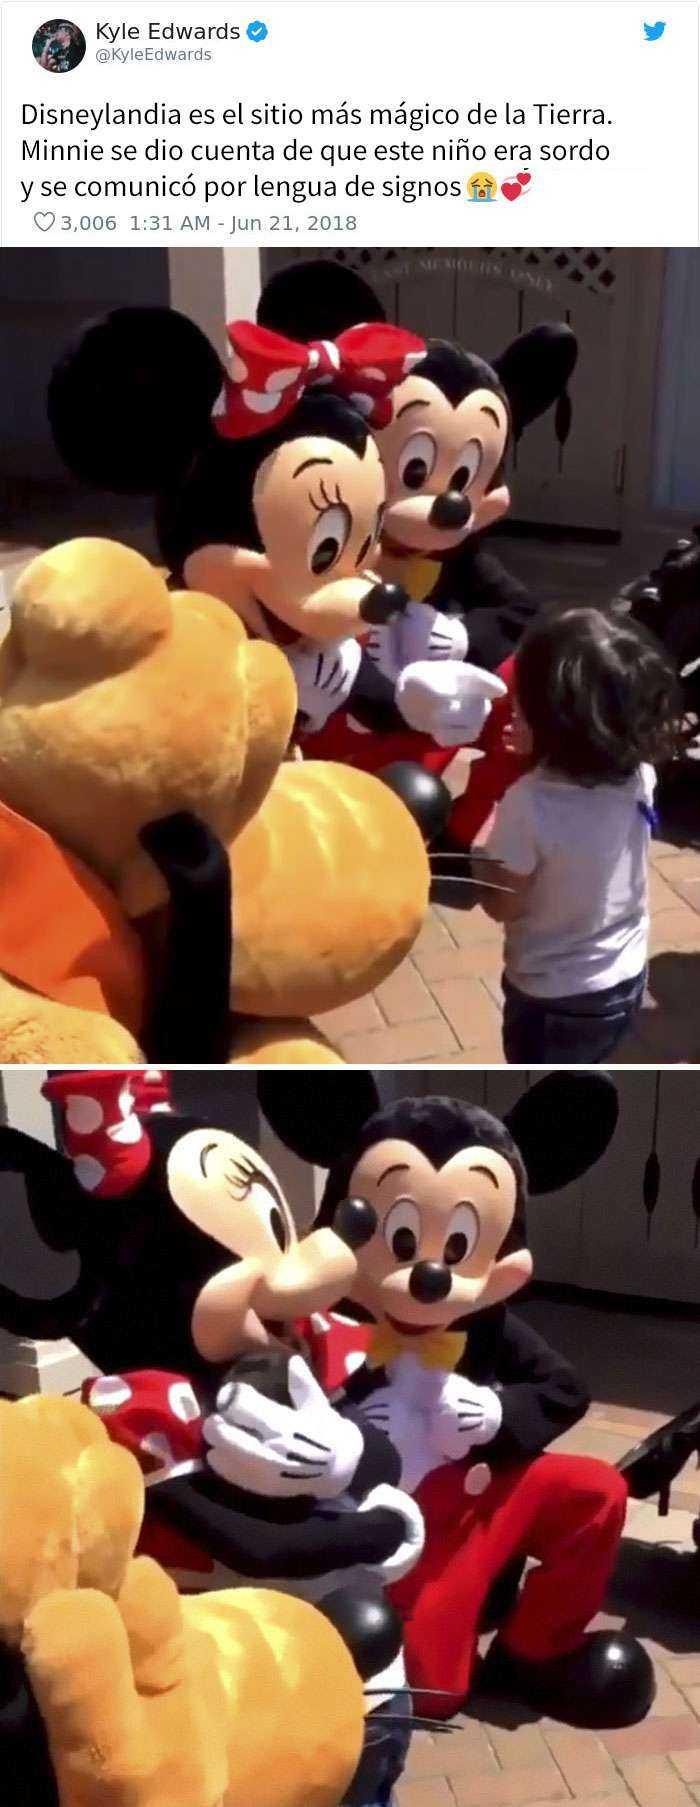 1546528653 171 20 cosas geniales que hicieron los empleados de disney - 20 Cosas geniales que hicieron los empleados de Disney